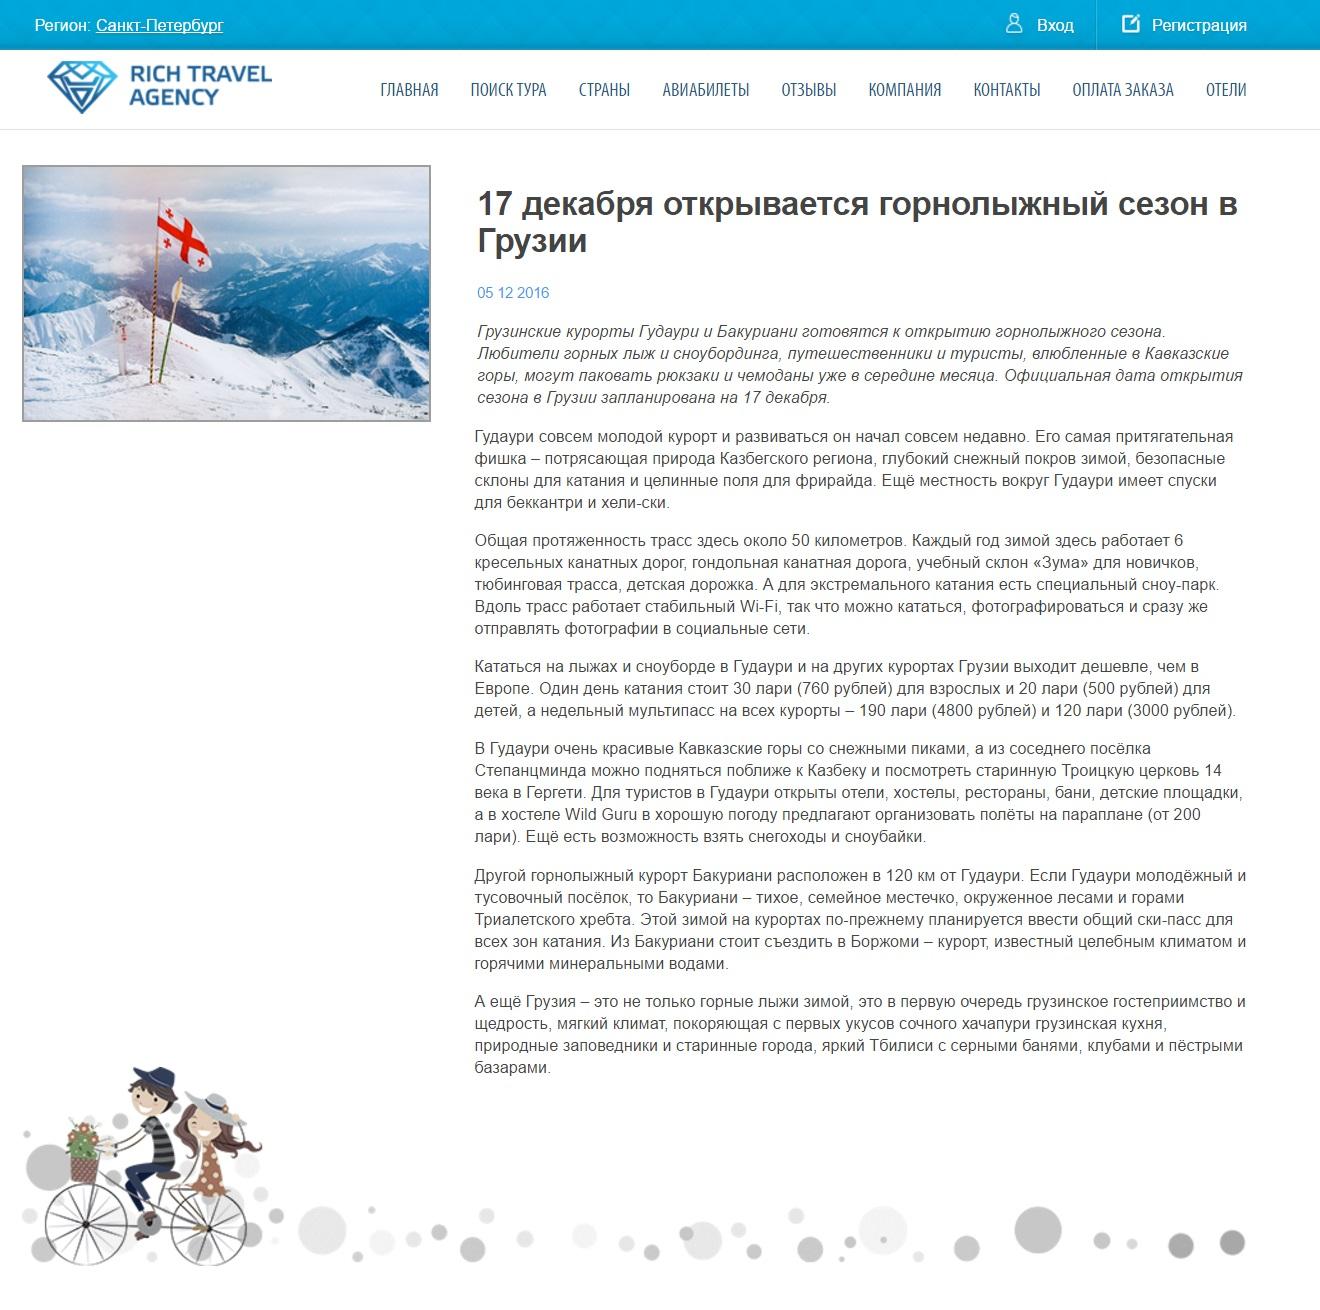 17 декабря открывается горнолыжный сезон в Грузии